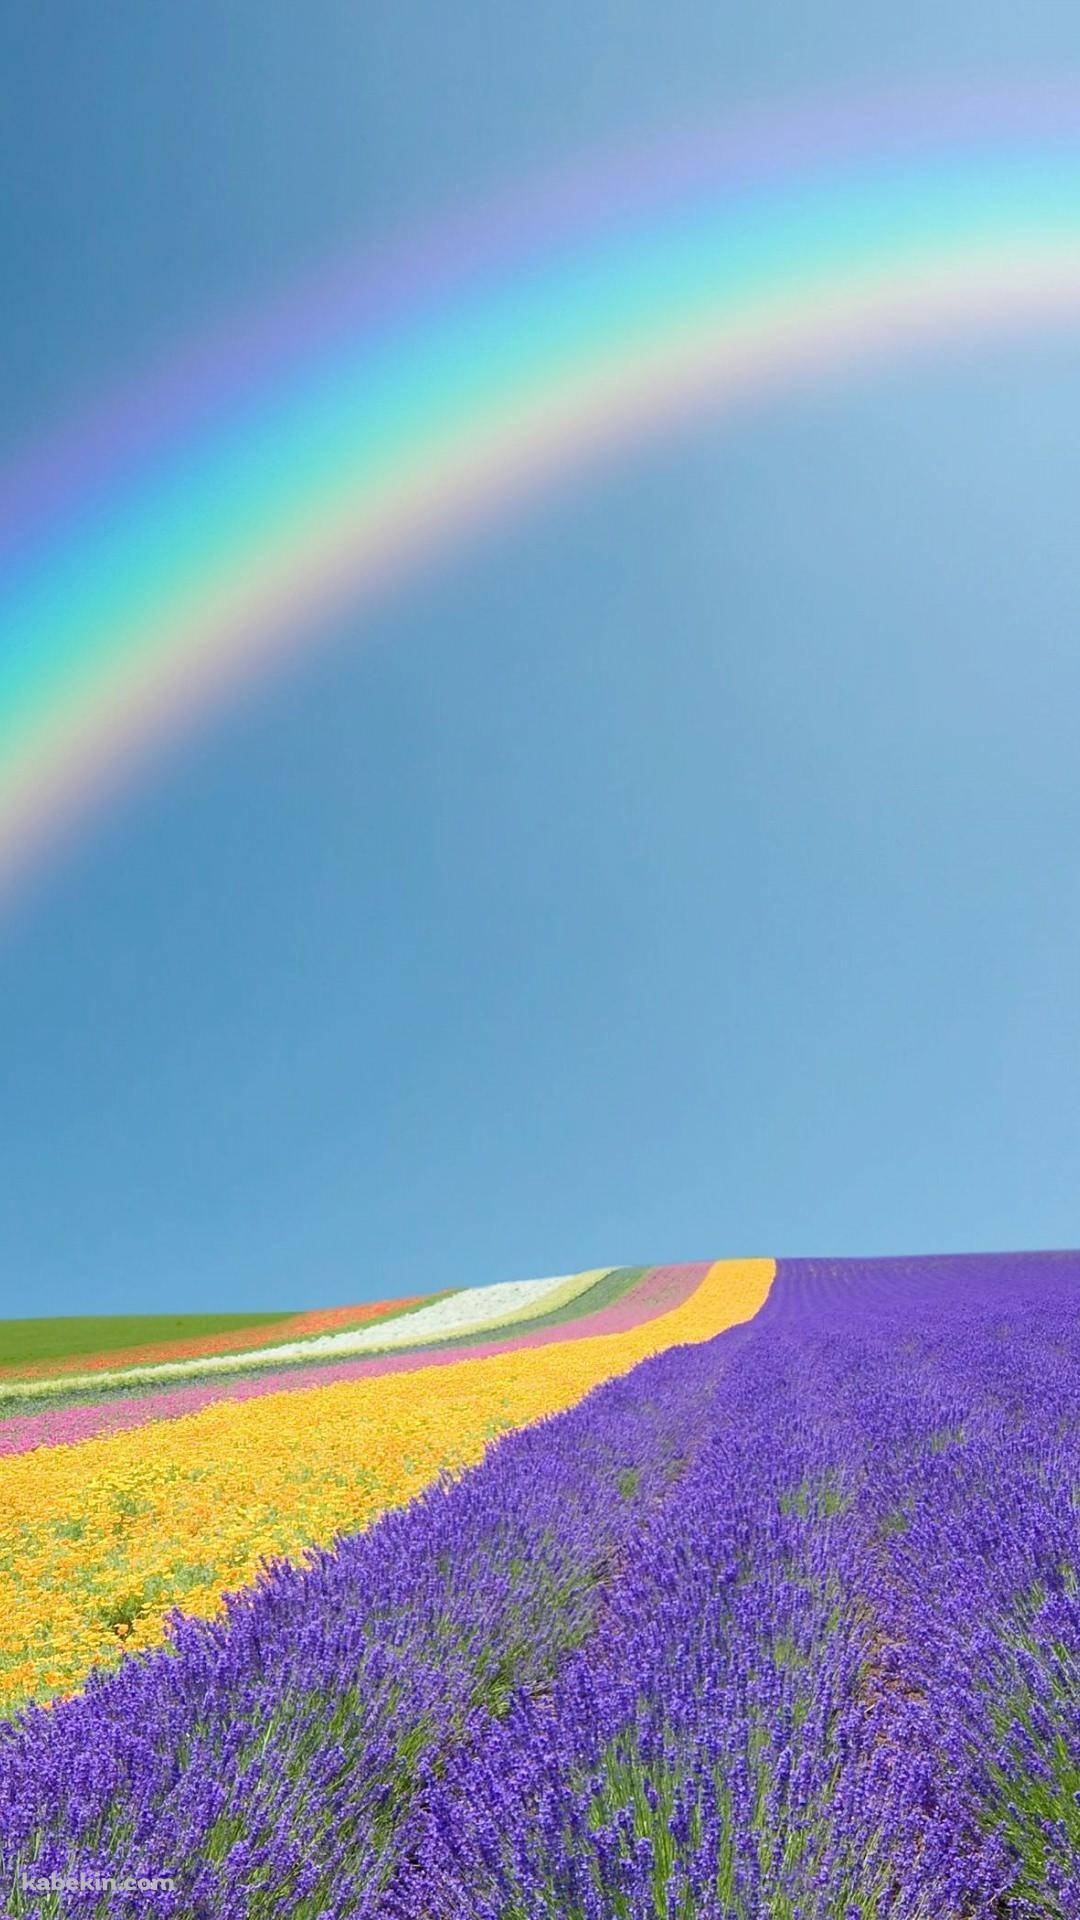 虹 紫の花 黄色の花のandroid壁紙 1080 X 1920 壁紙キングダム スマホ版